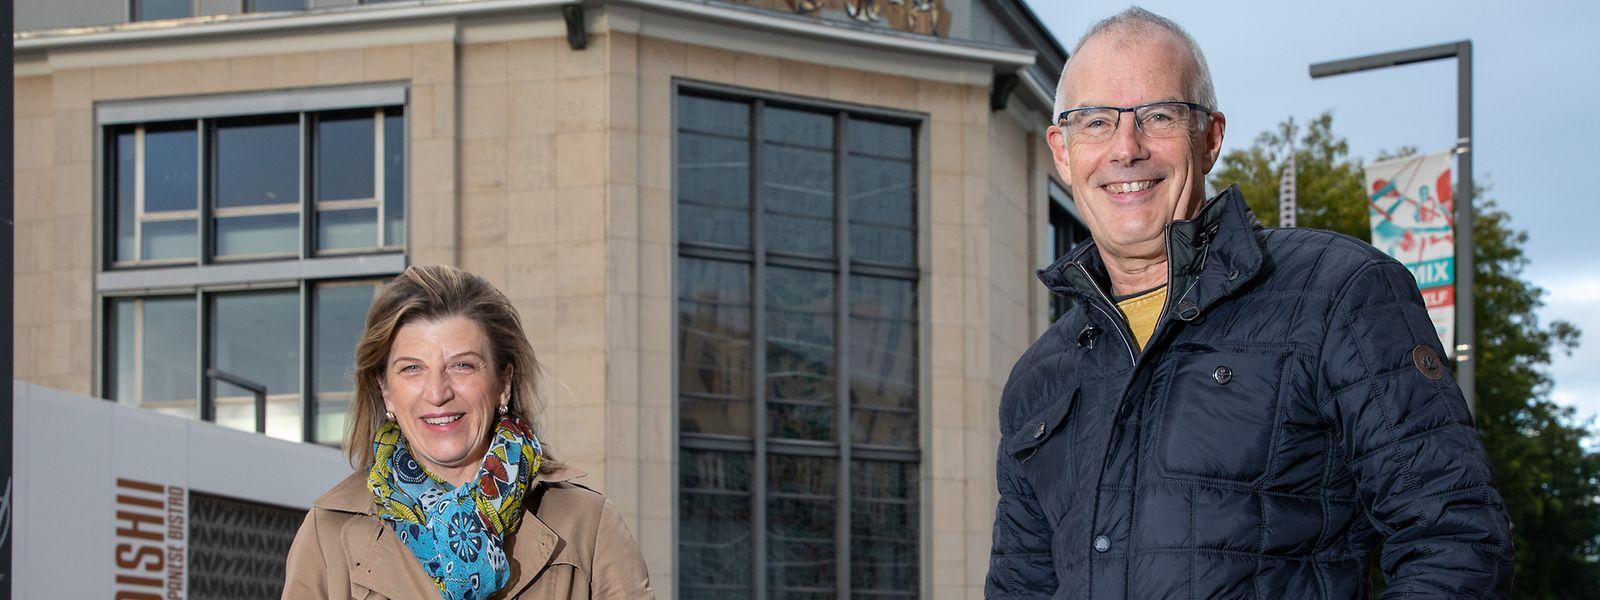 Christiane Kremer et Roll Gelhausen font partie de la troupe de joyeuses plumes réunies à Esch/Alzette.